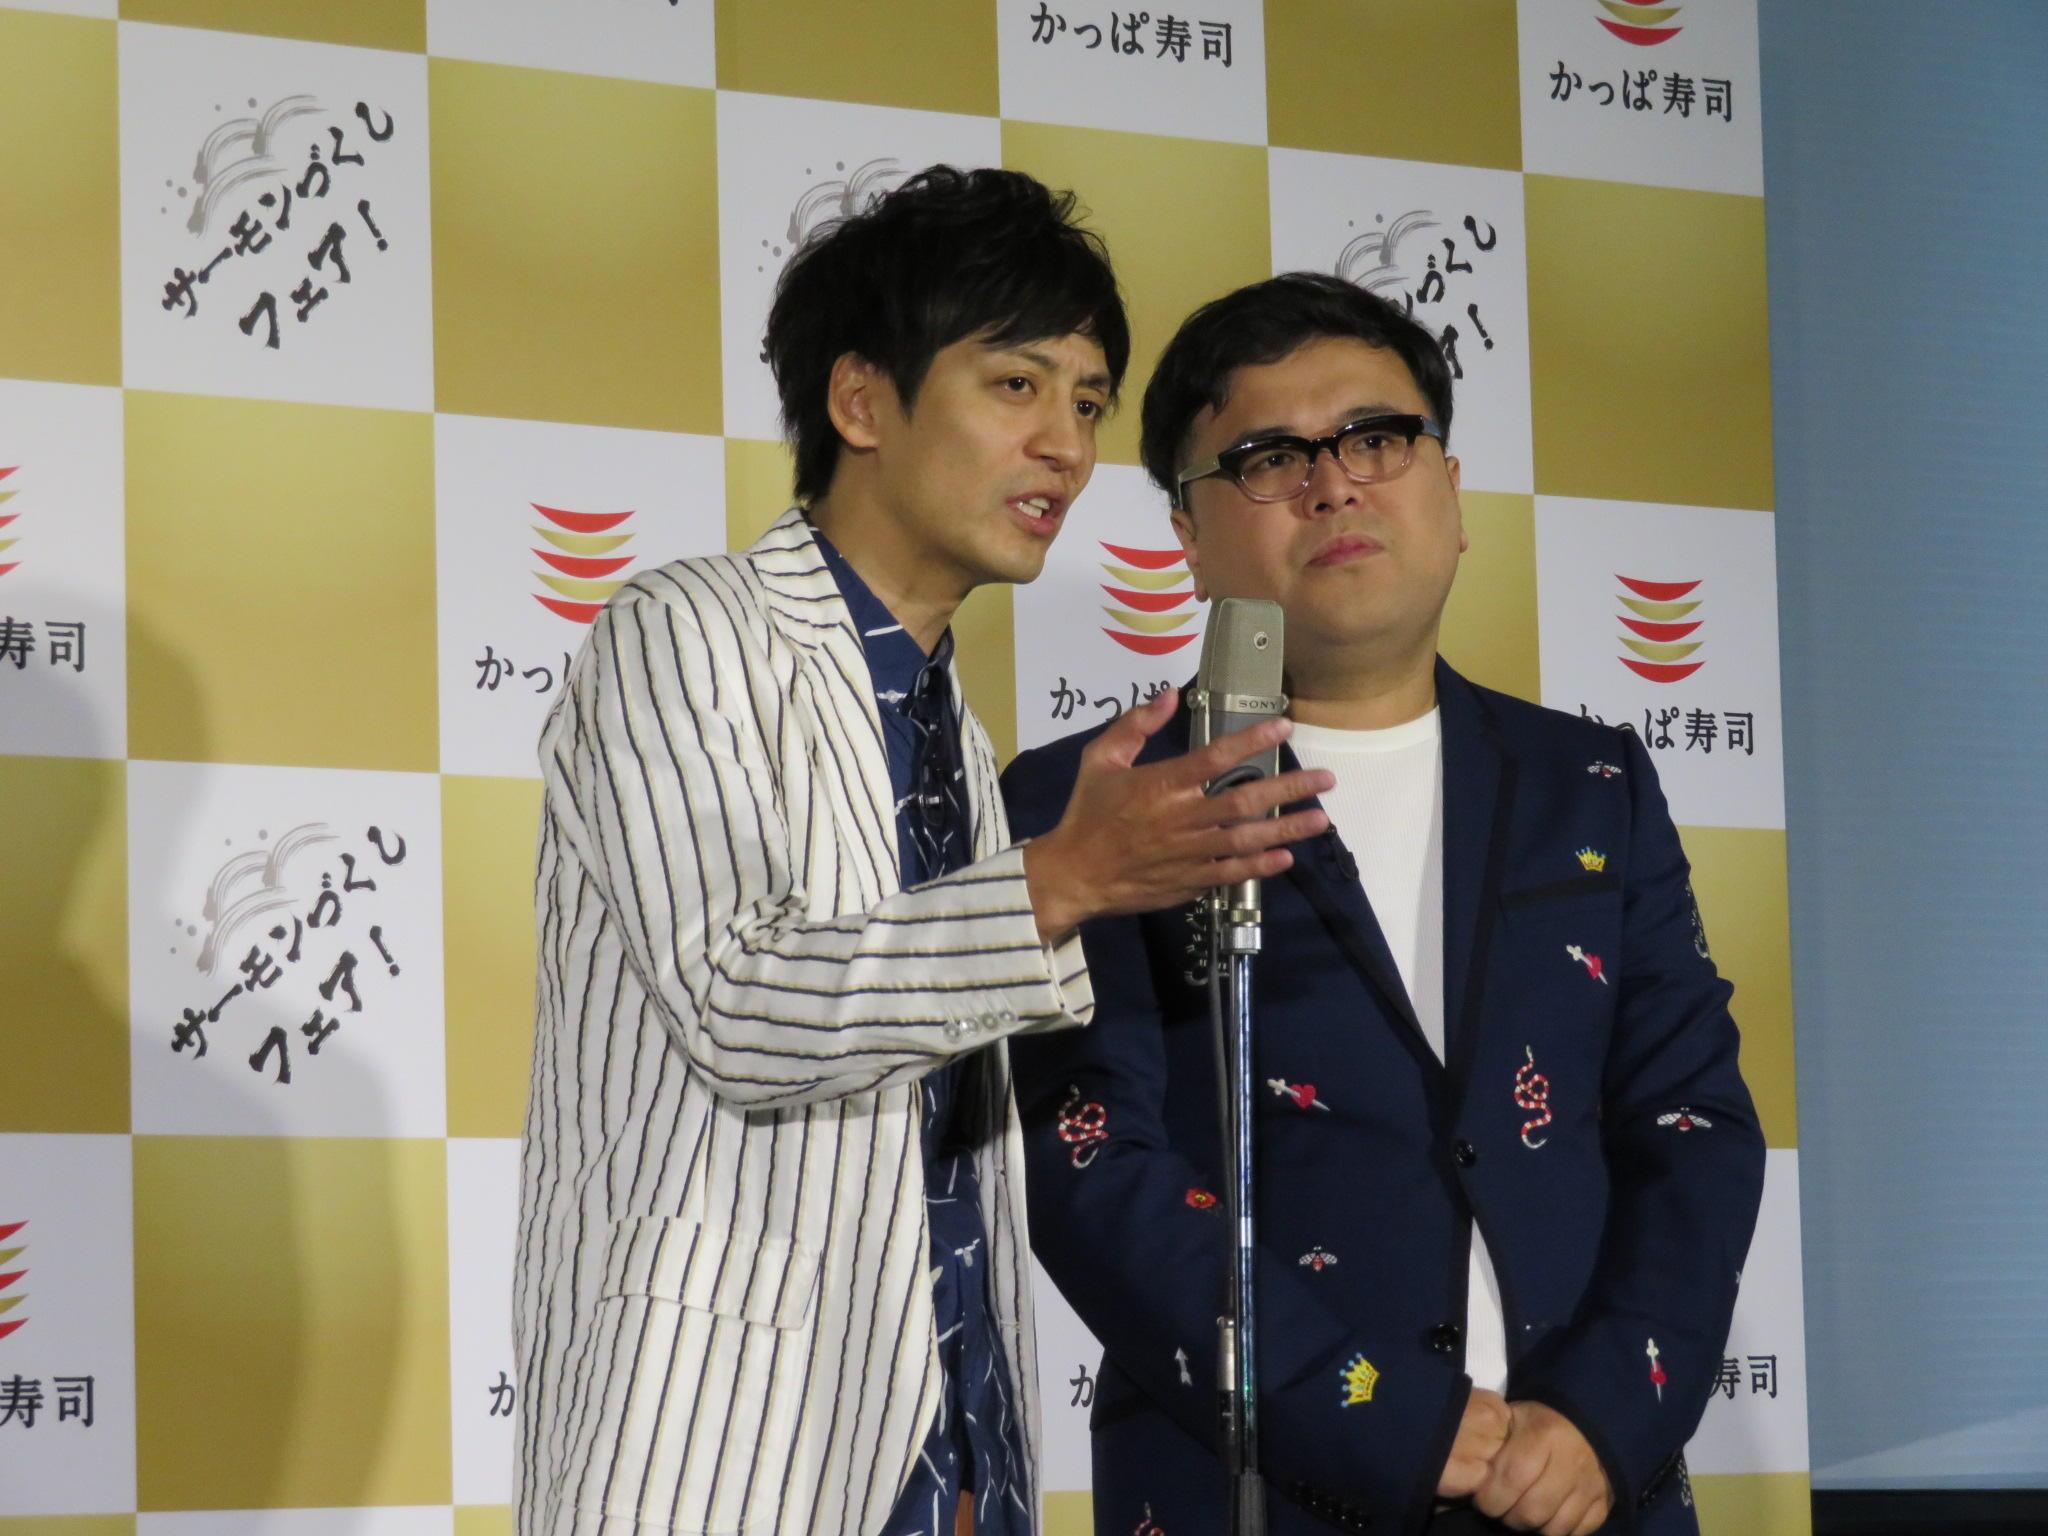 http://news.yoshimoto.co.jp/20180110175444-e46d236c8f77f237fa9b5a8ac5fbd6fda669c3bc.jpg